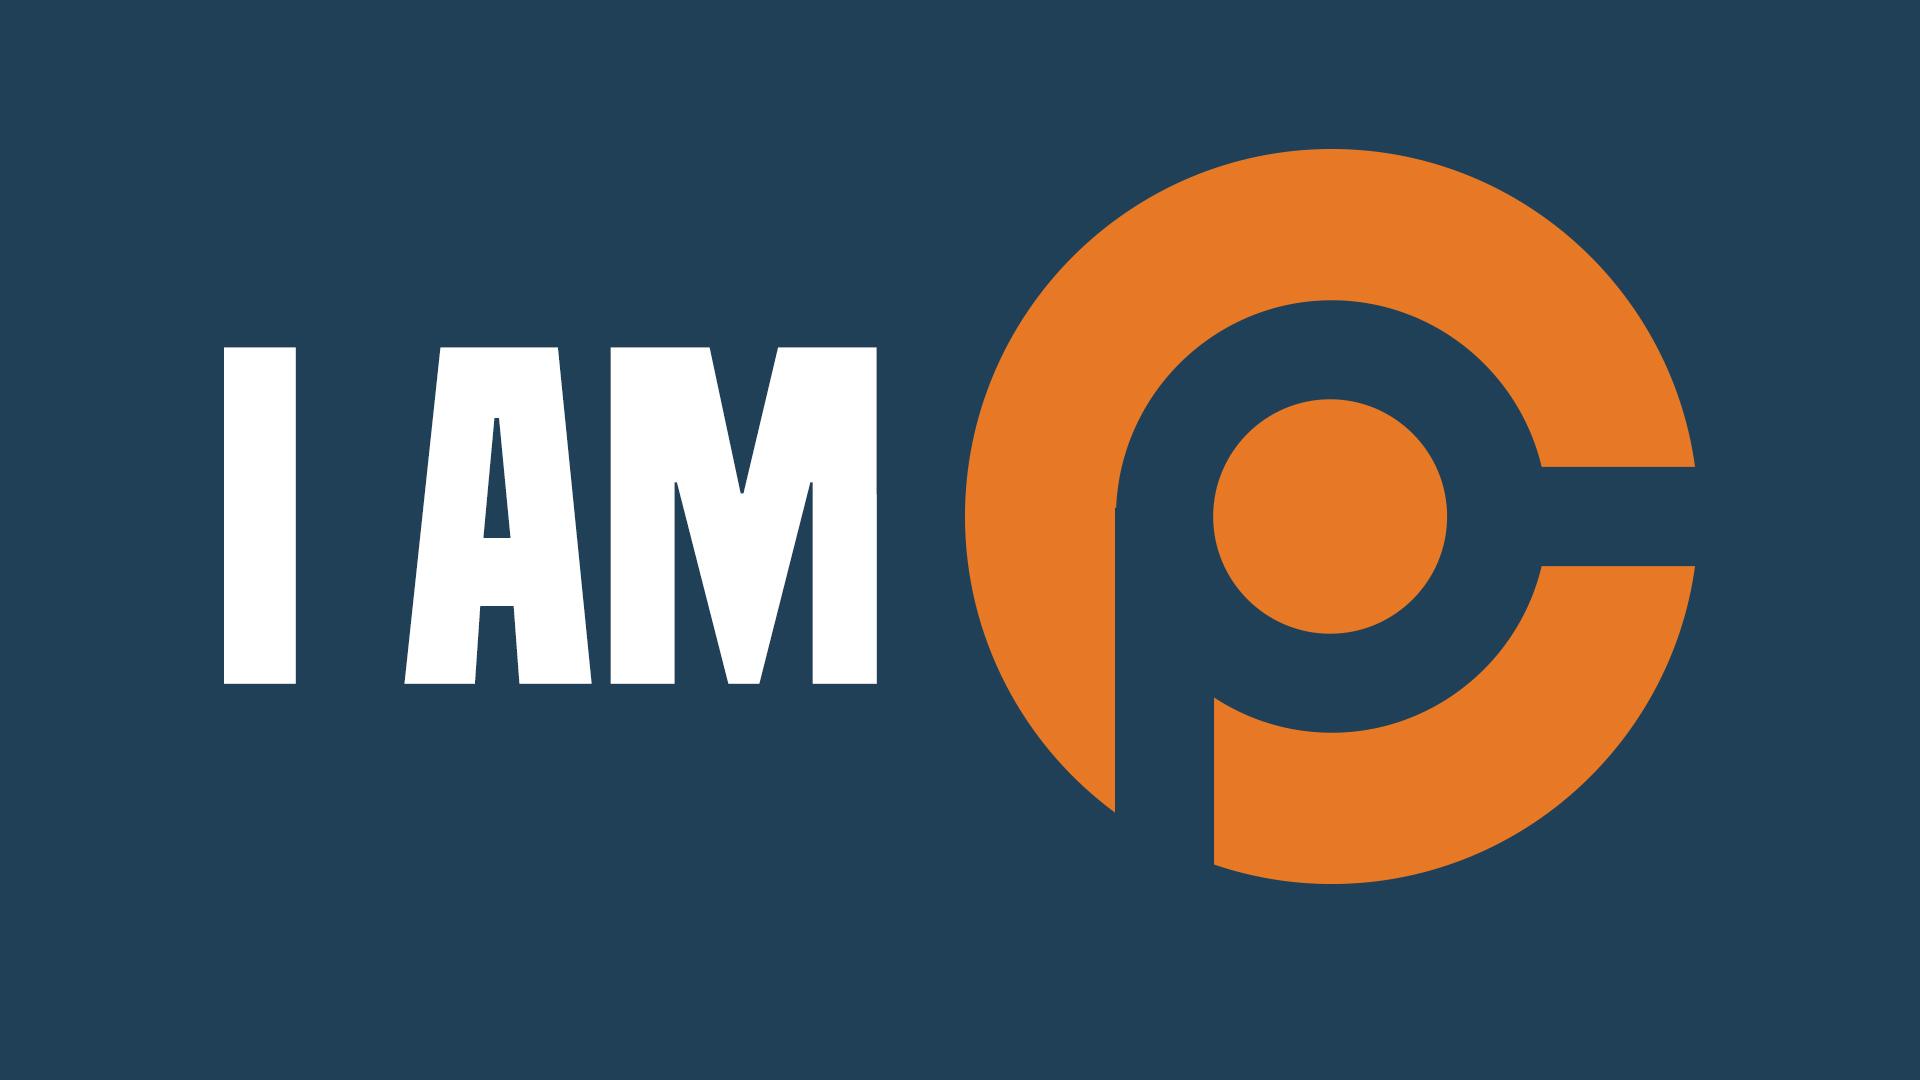 I-Am-Paradox_1920x1080.jpg